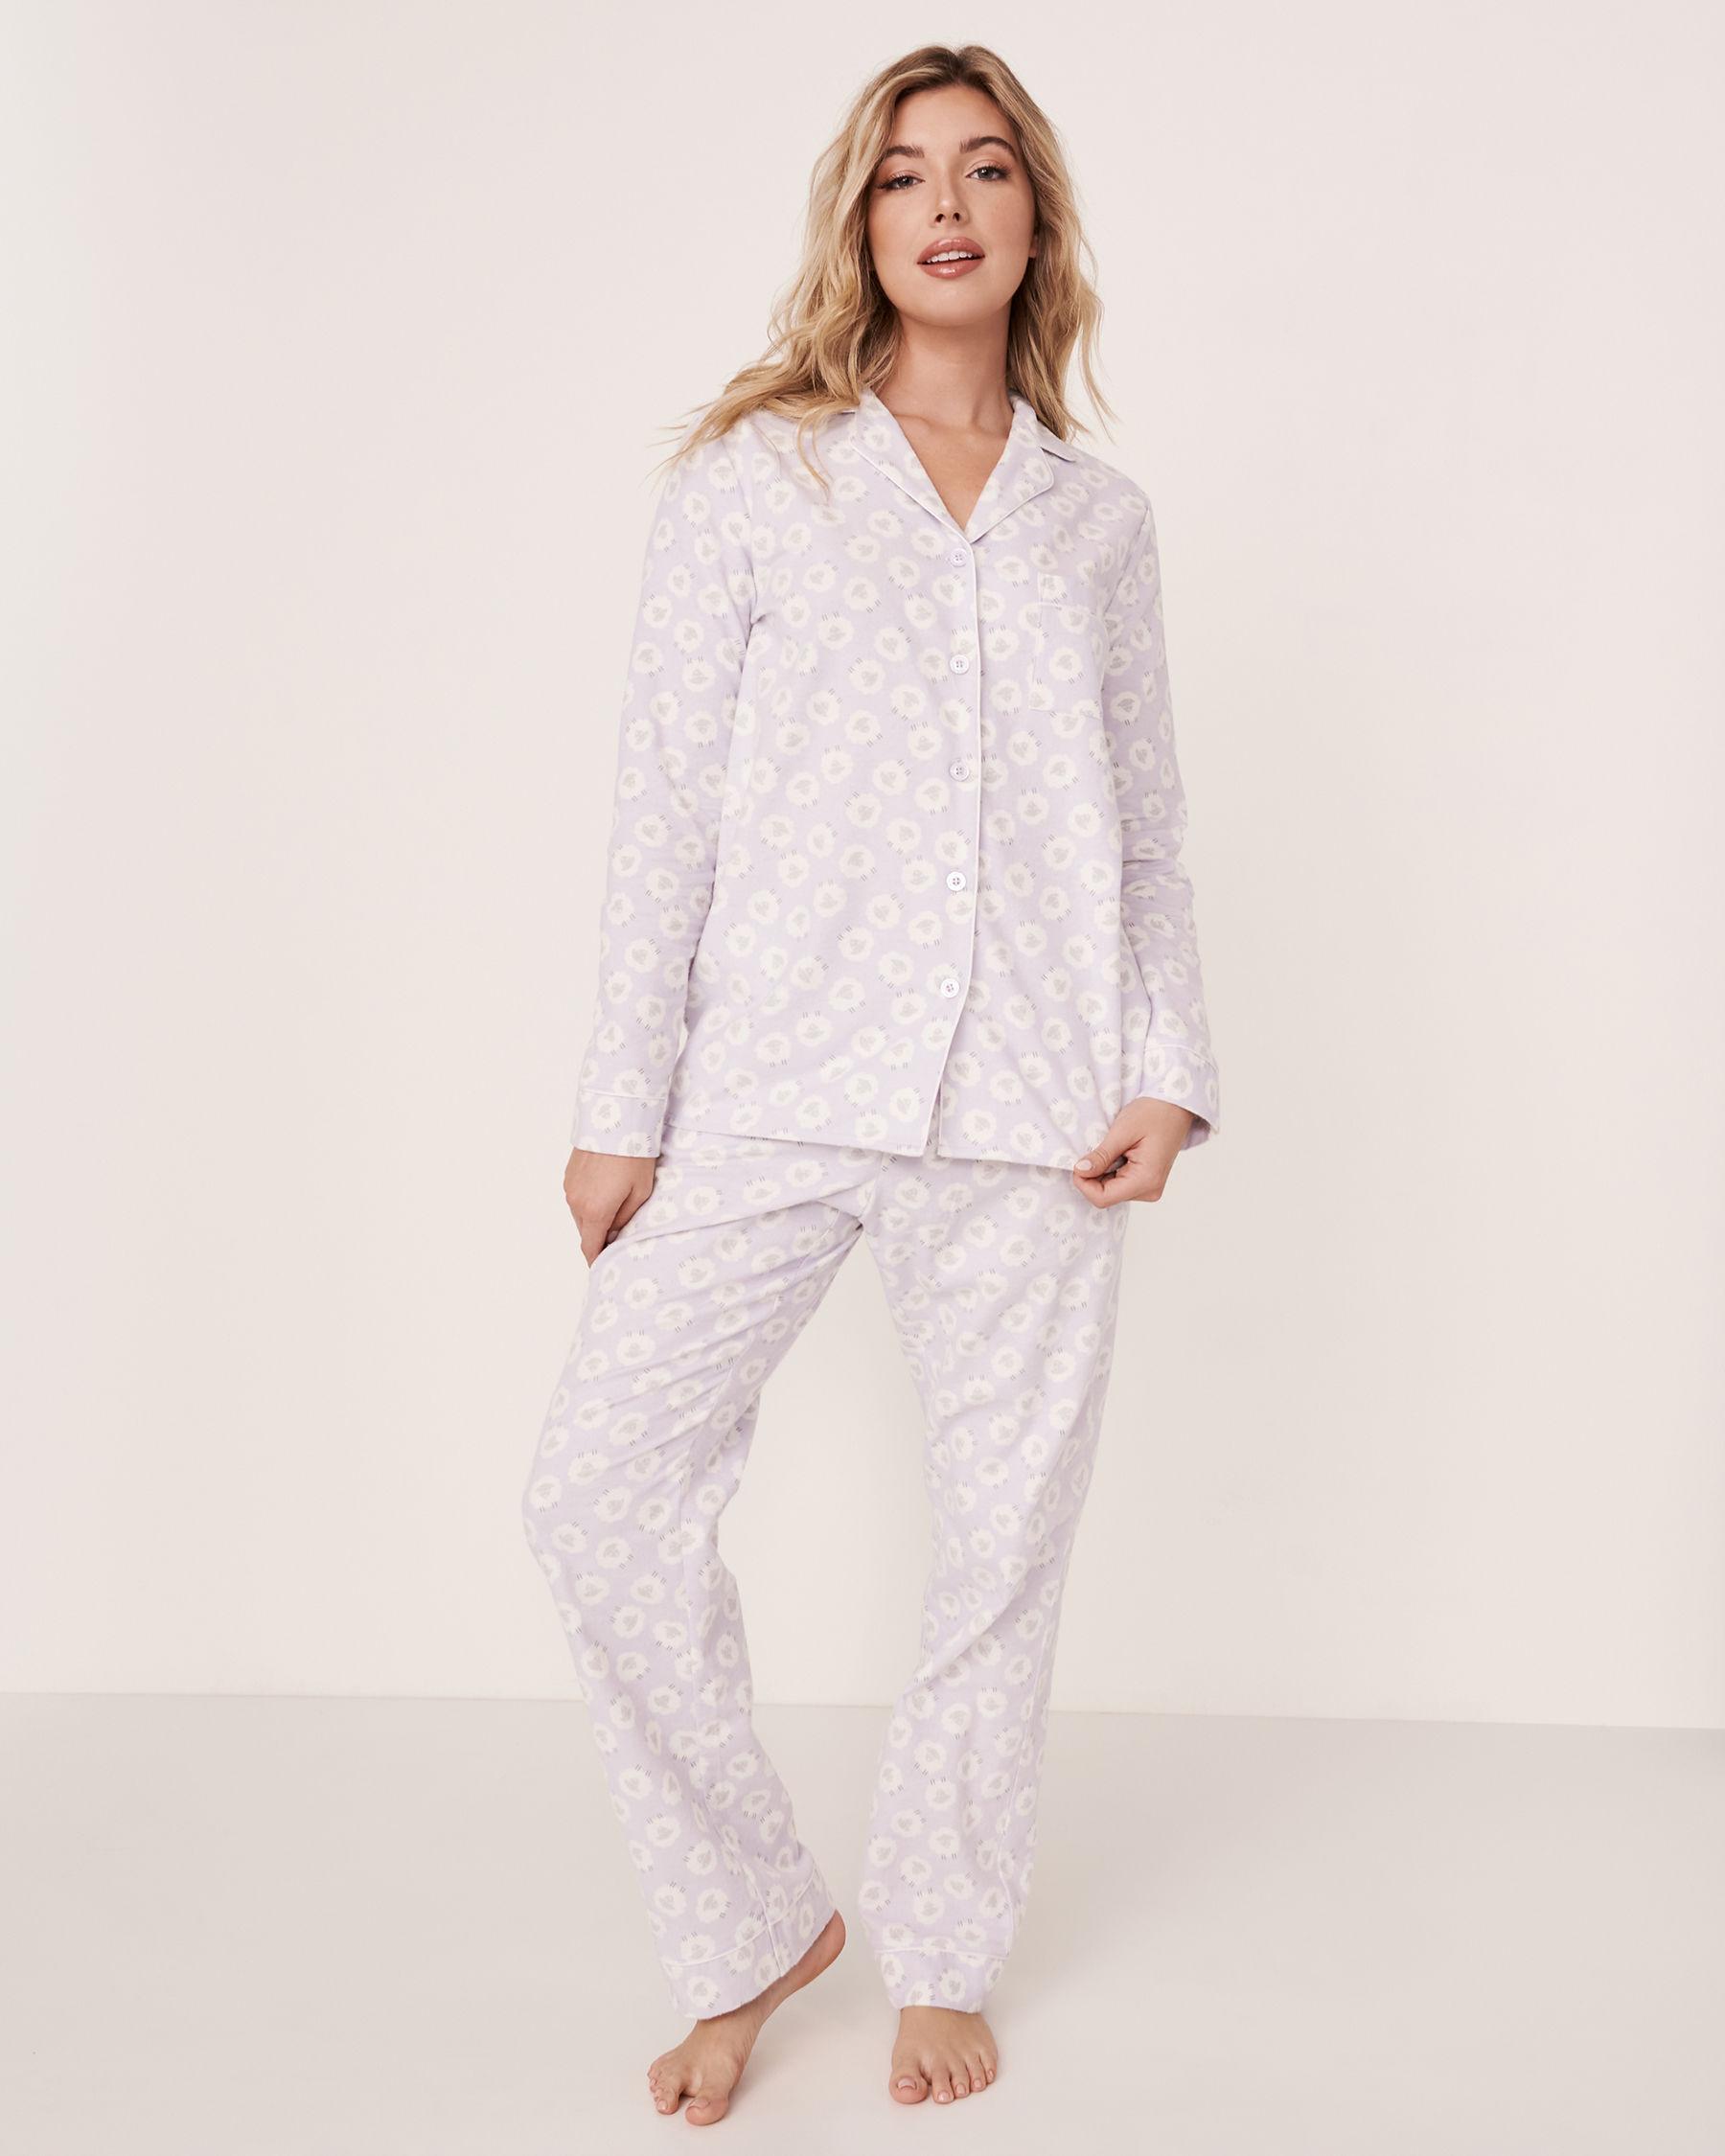 LA VIE EN ROSE Flannel PJ Set Sheep 40400012 - View2